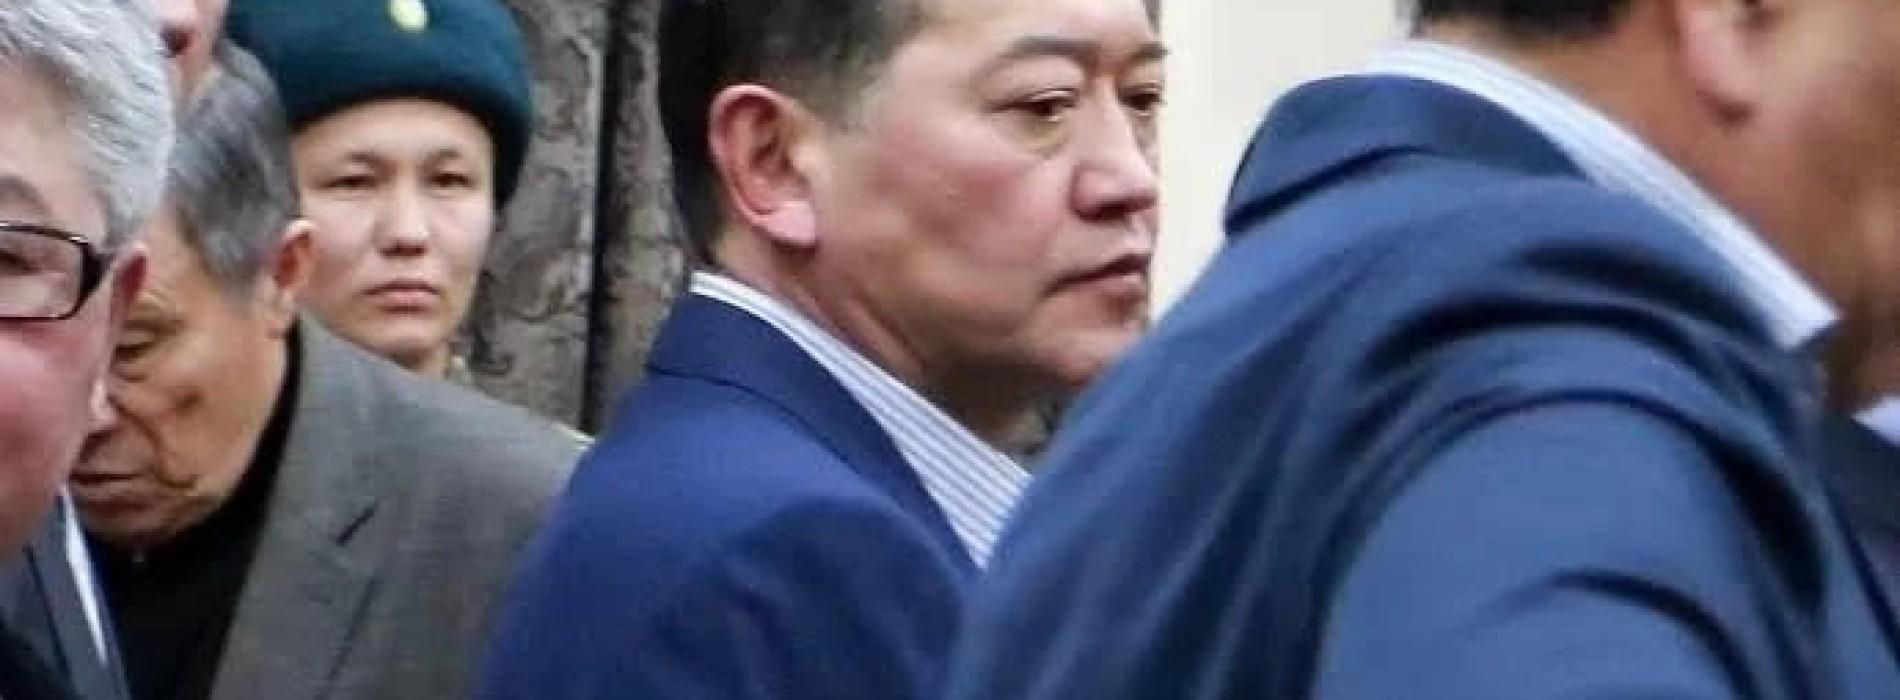 Бывшего премьер-министра Казахстана освободят из колонии 21 сентября